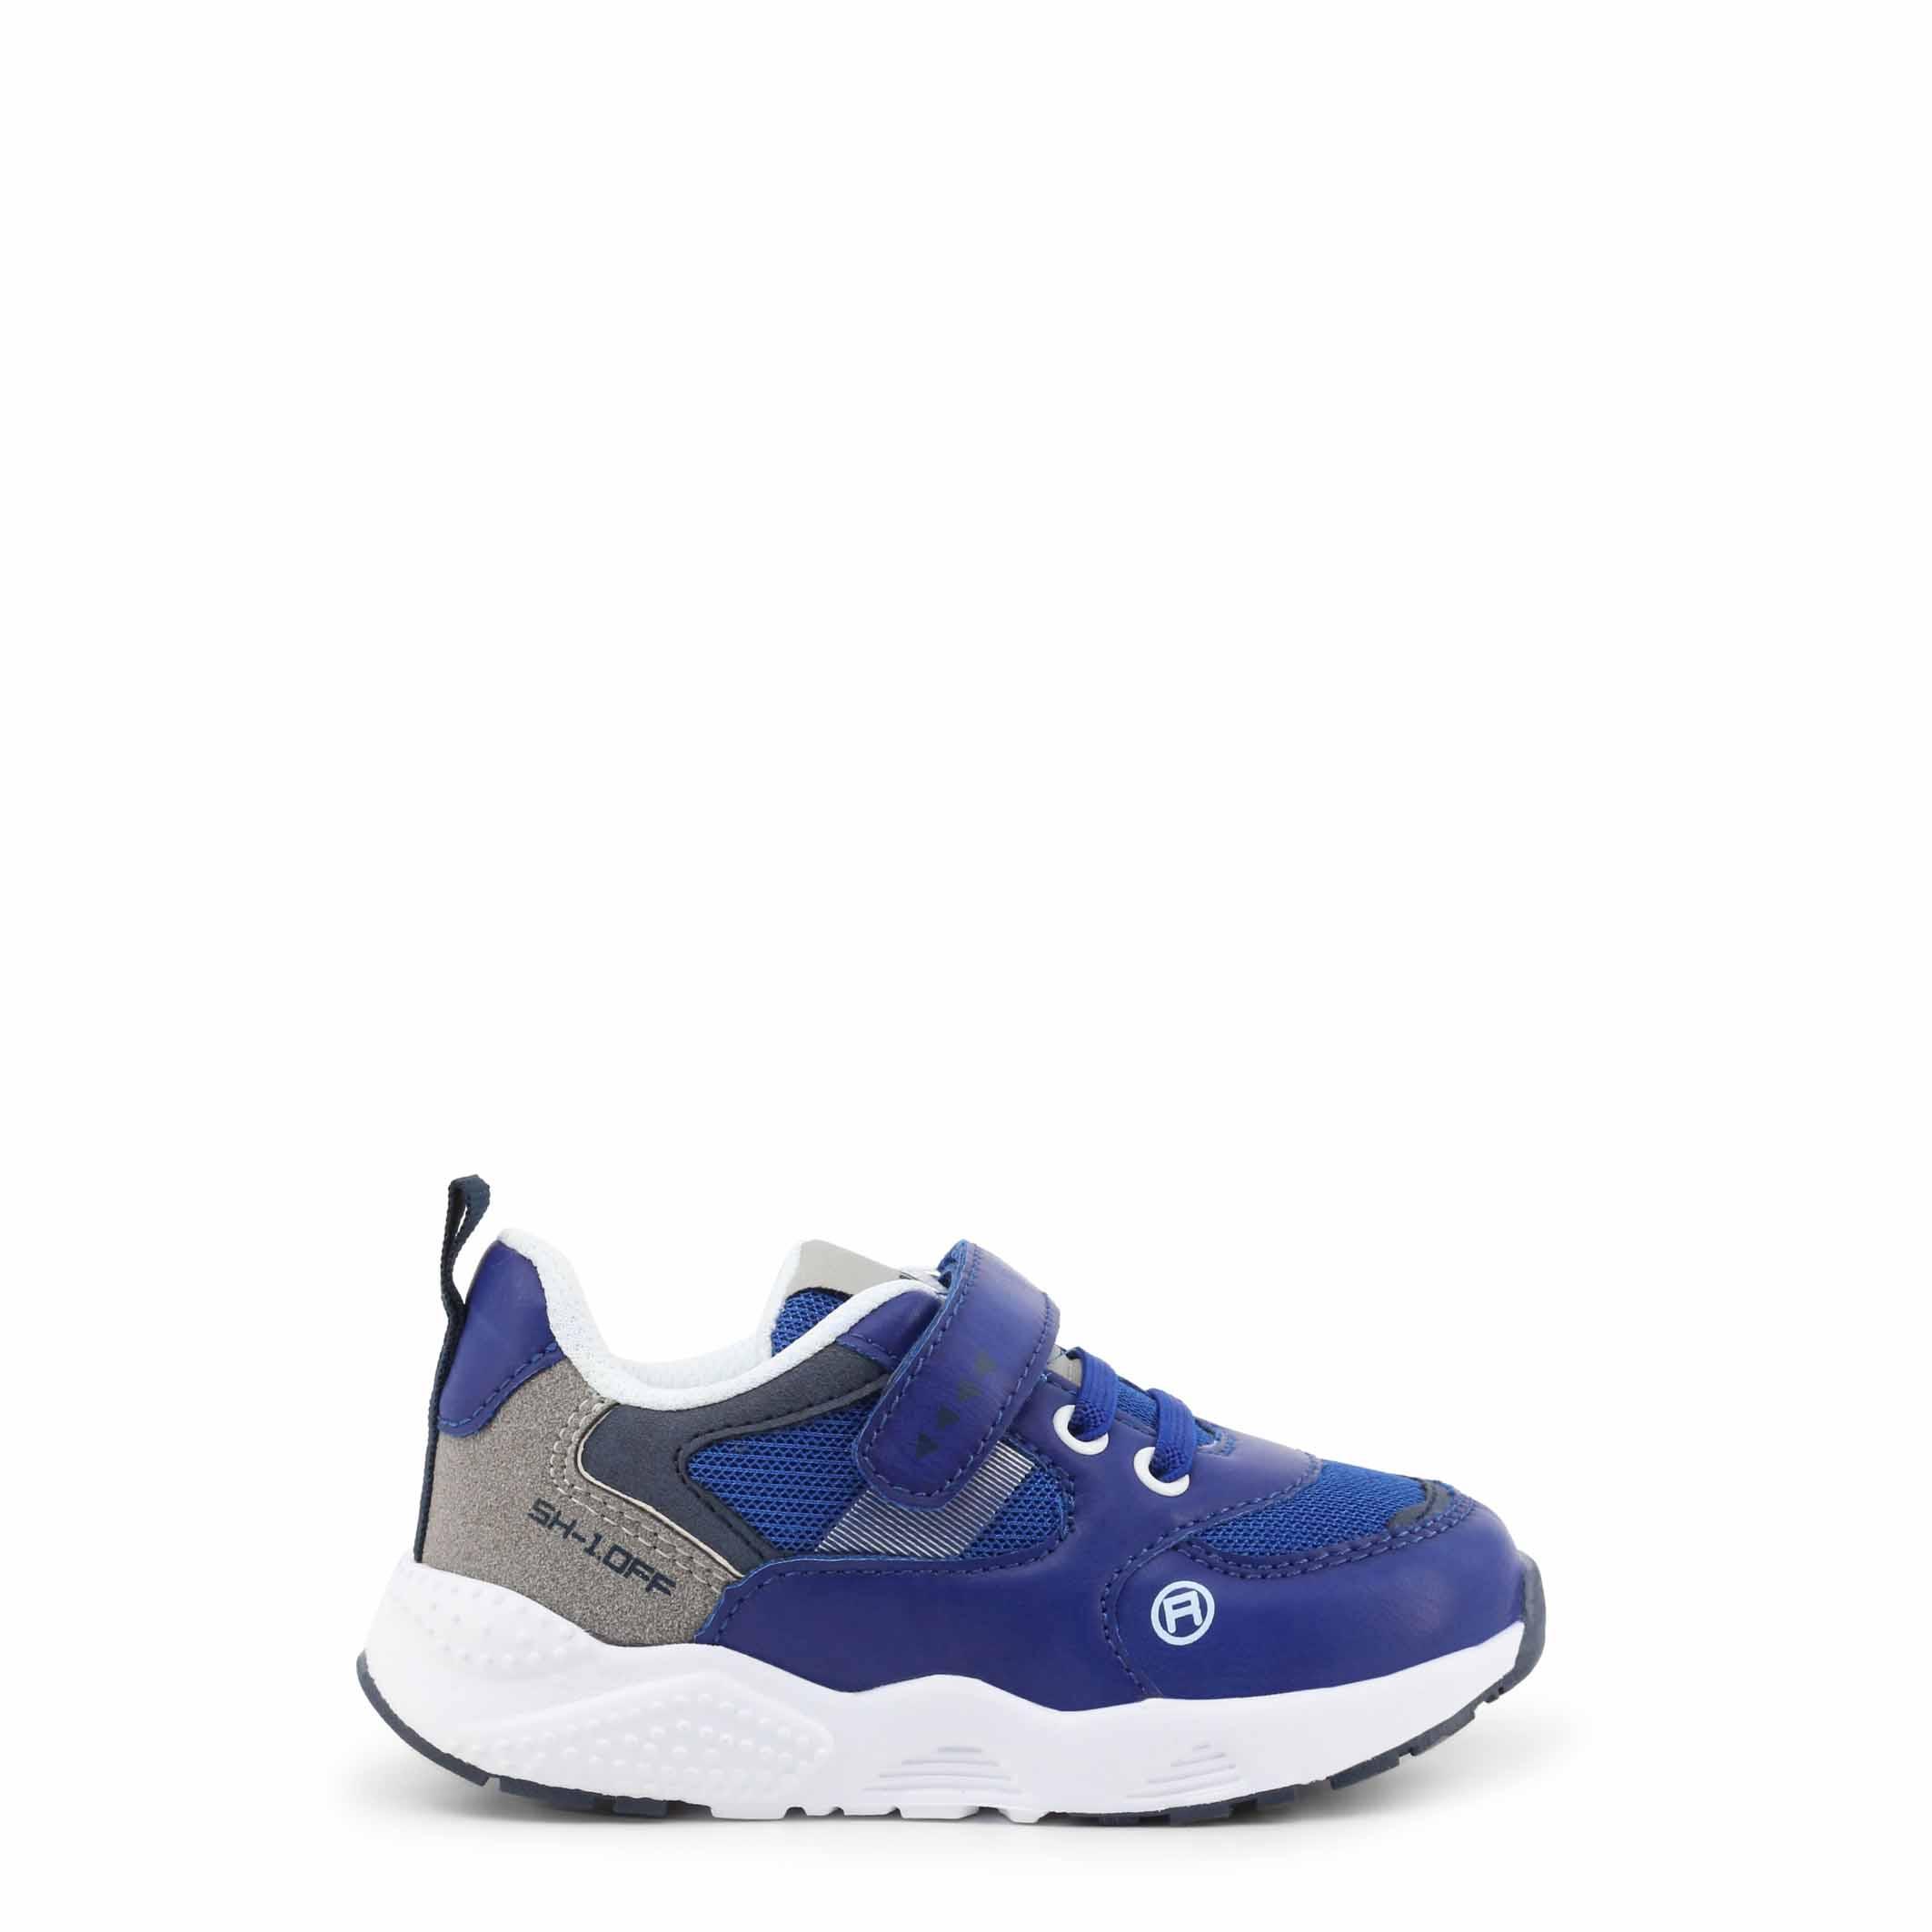 Shone - 10260-021 - Blue